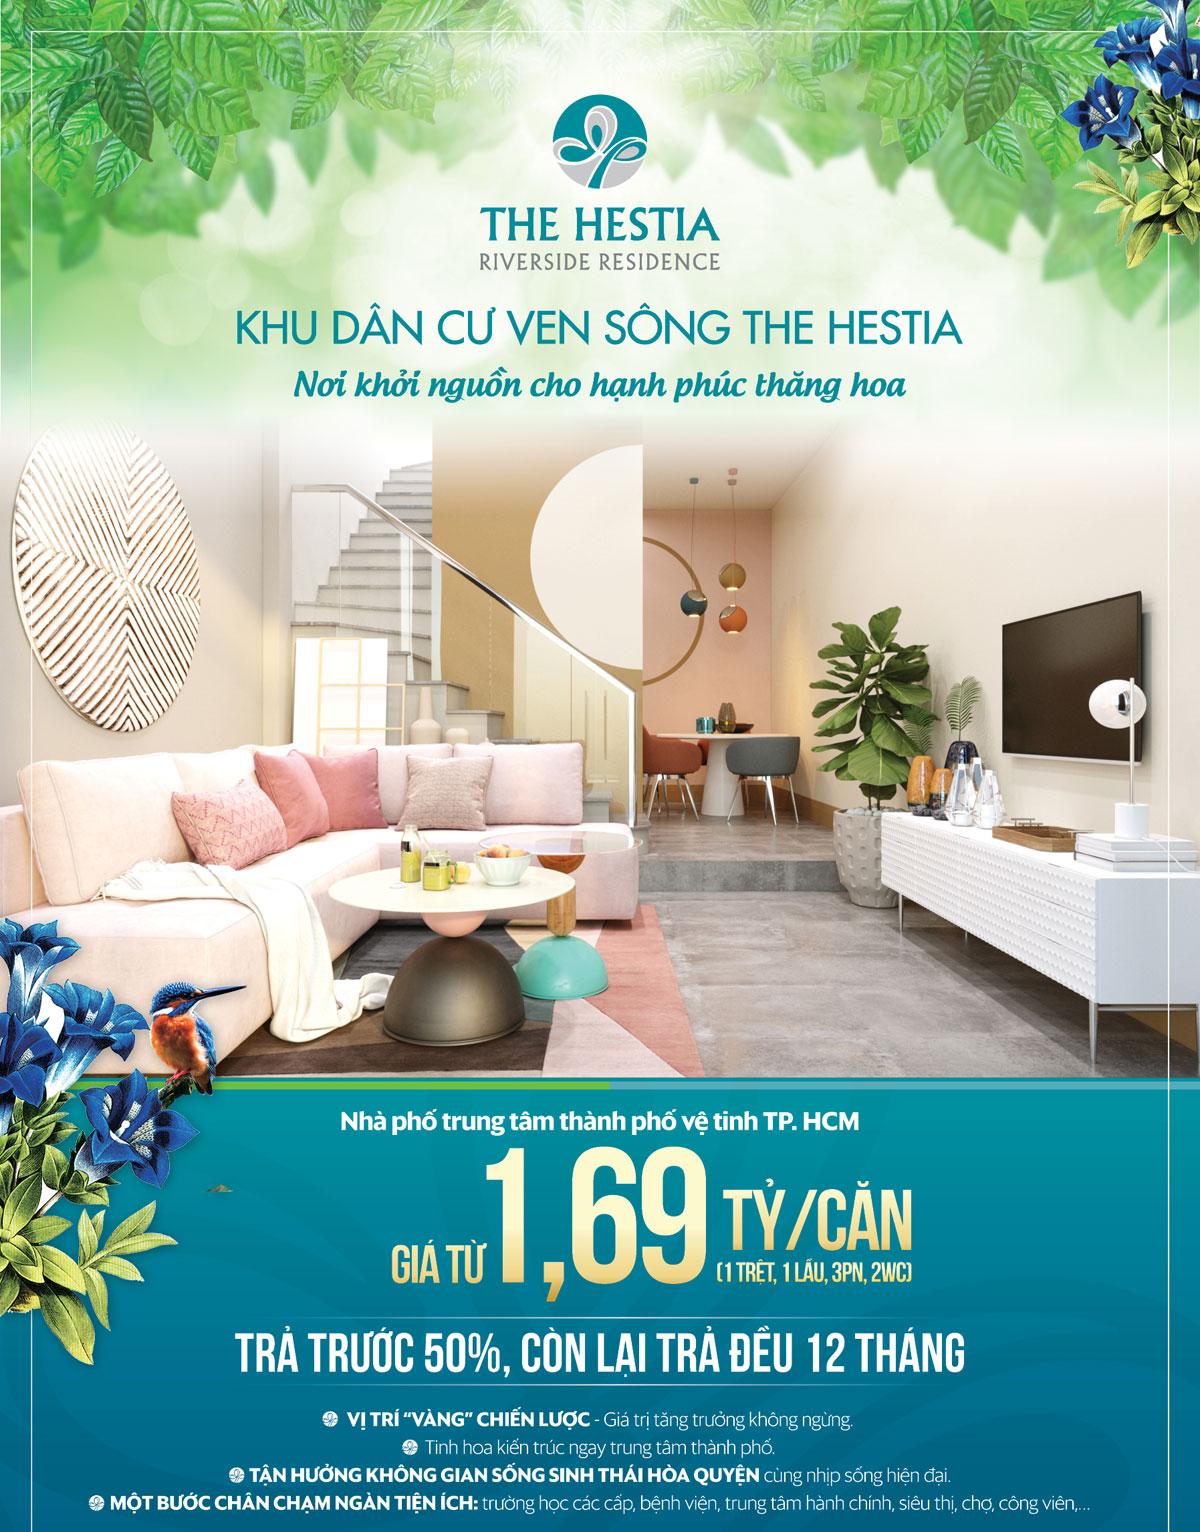 Thiết kế nhà phố The hestia riverside residence